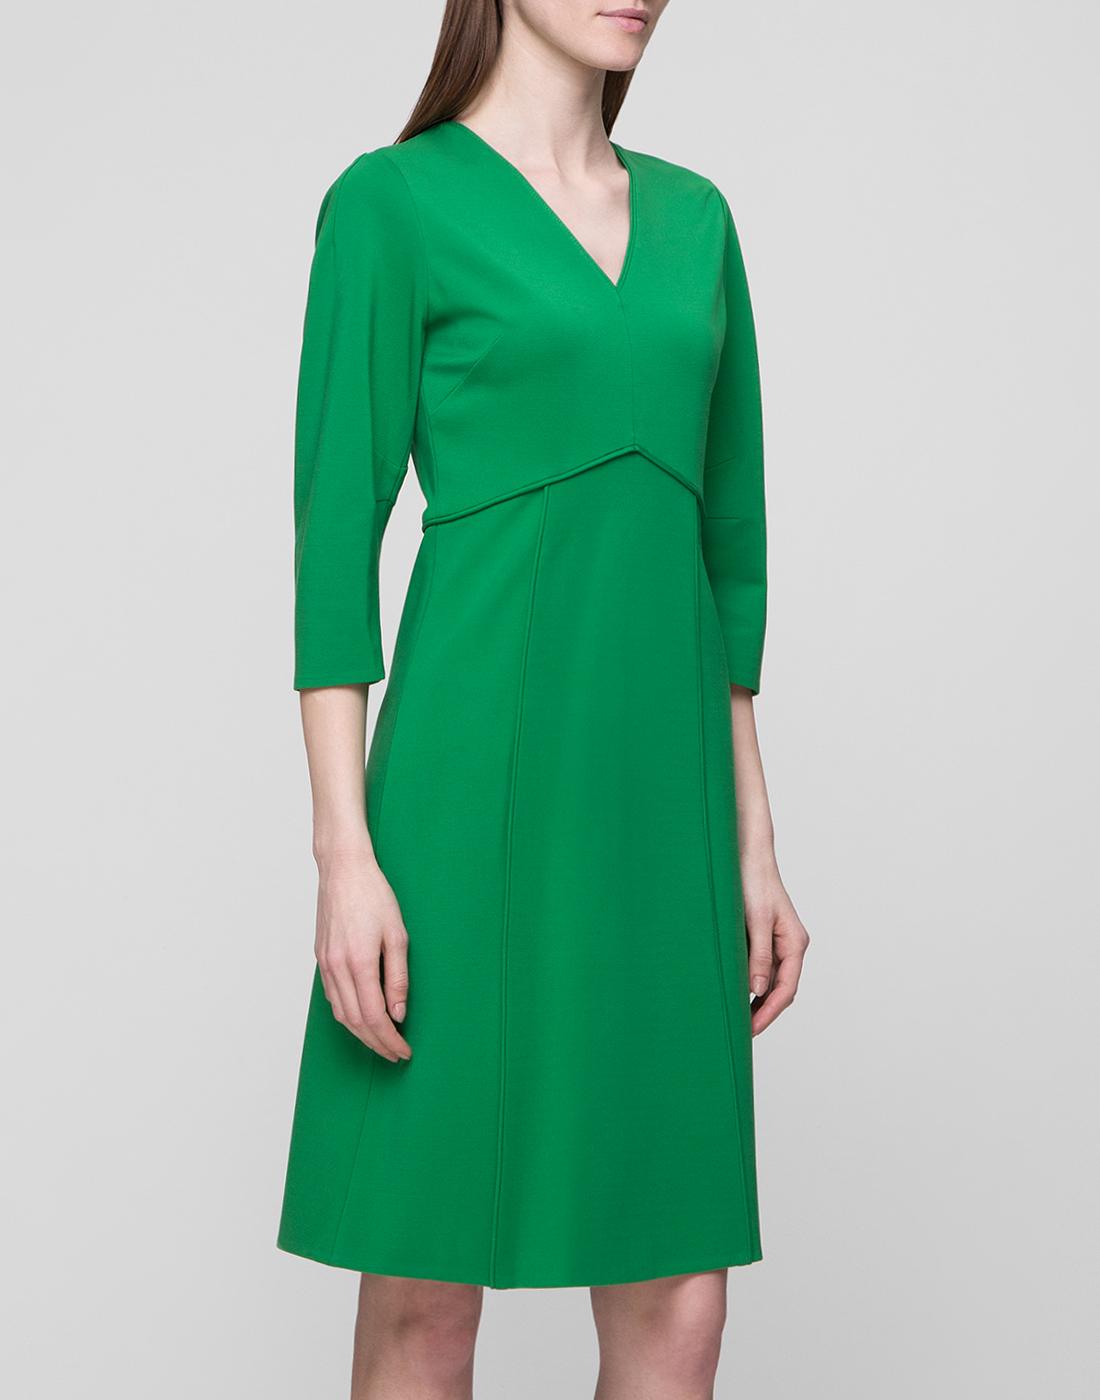 Женское зеленое платье Dorothee Schumacher S548013/562-3